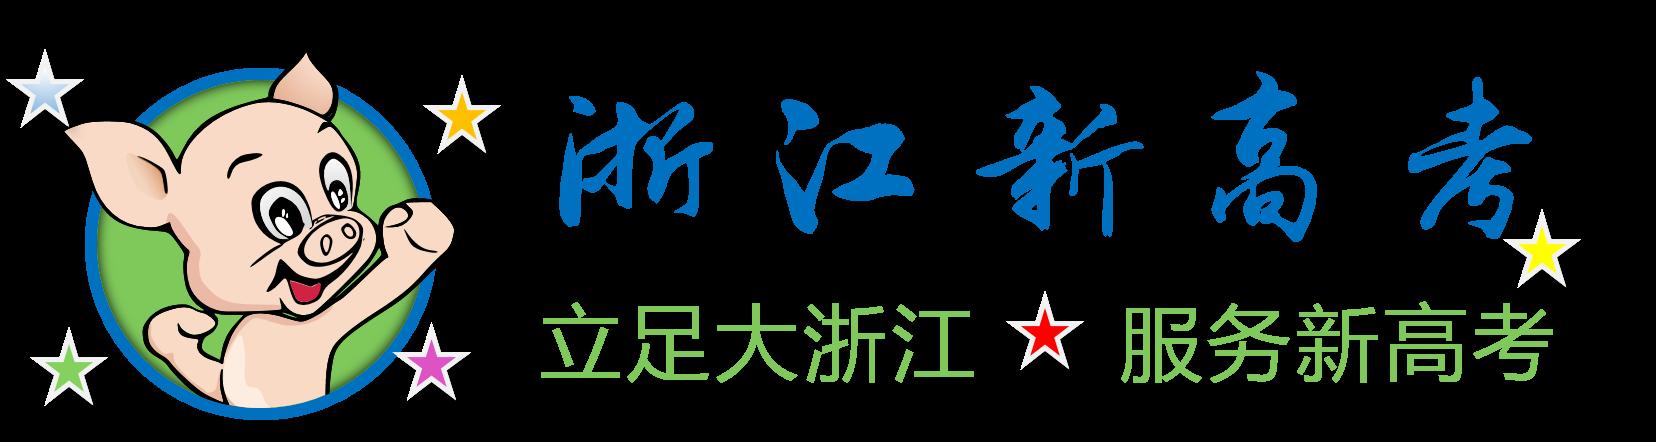 浙江新高考